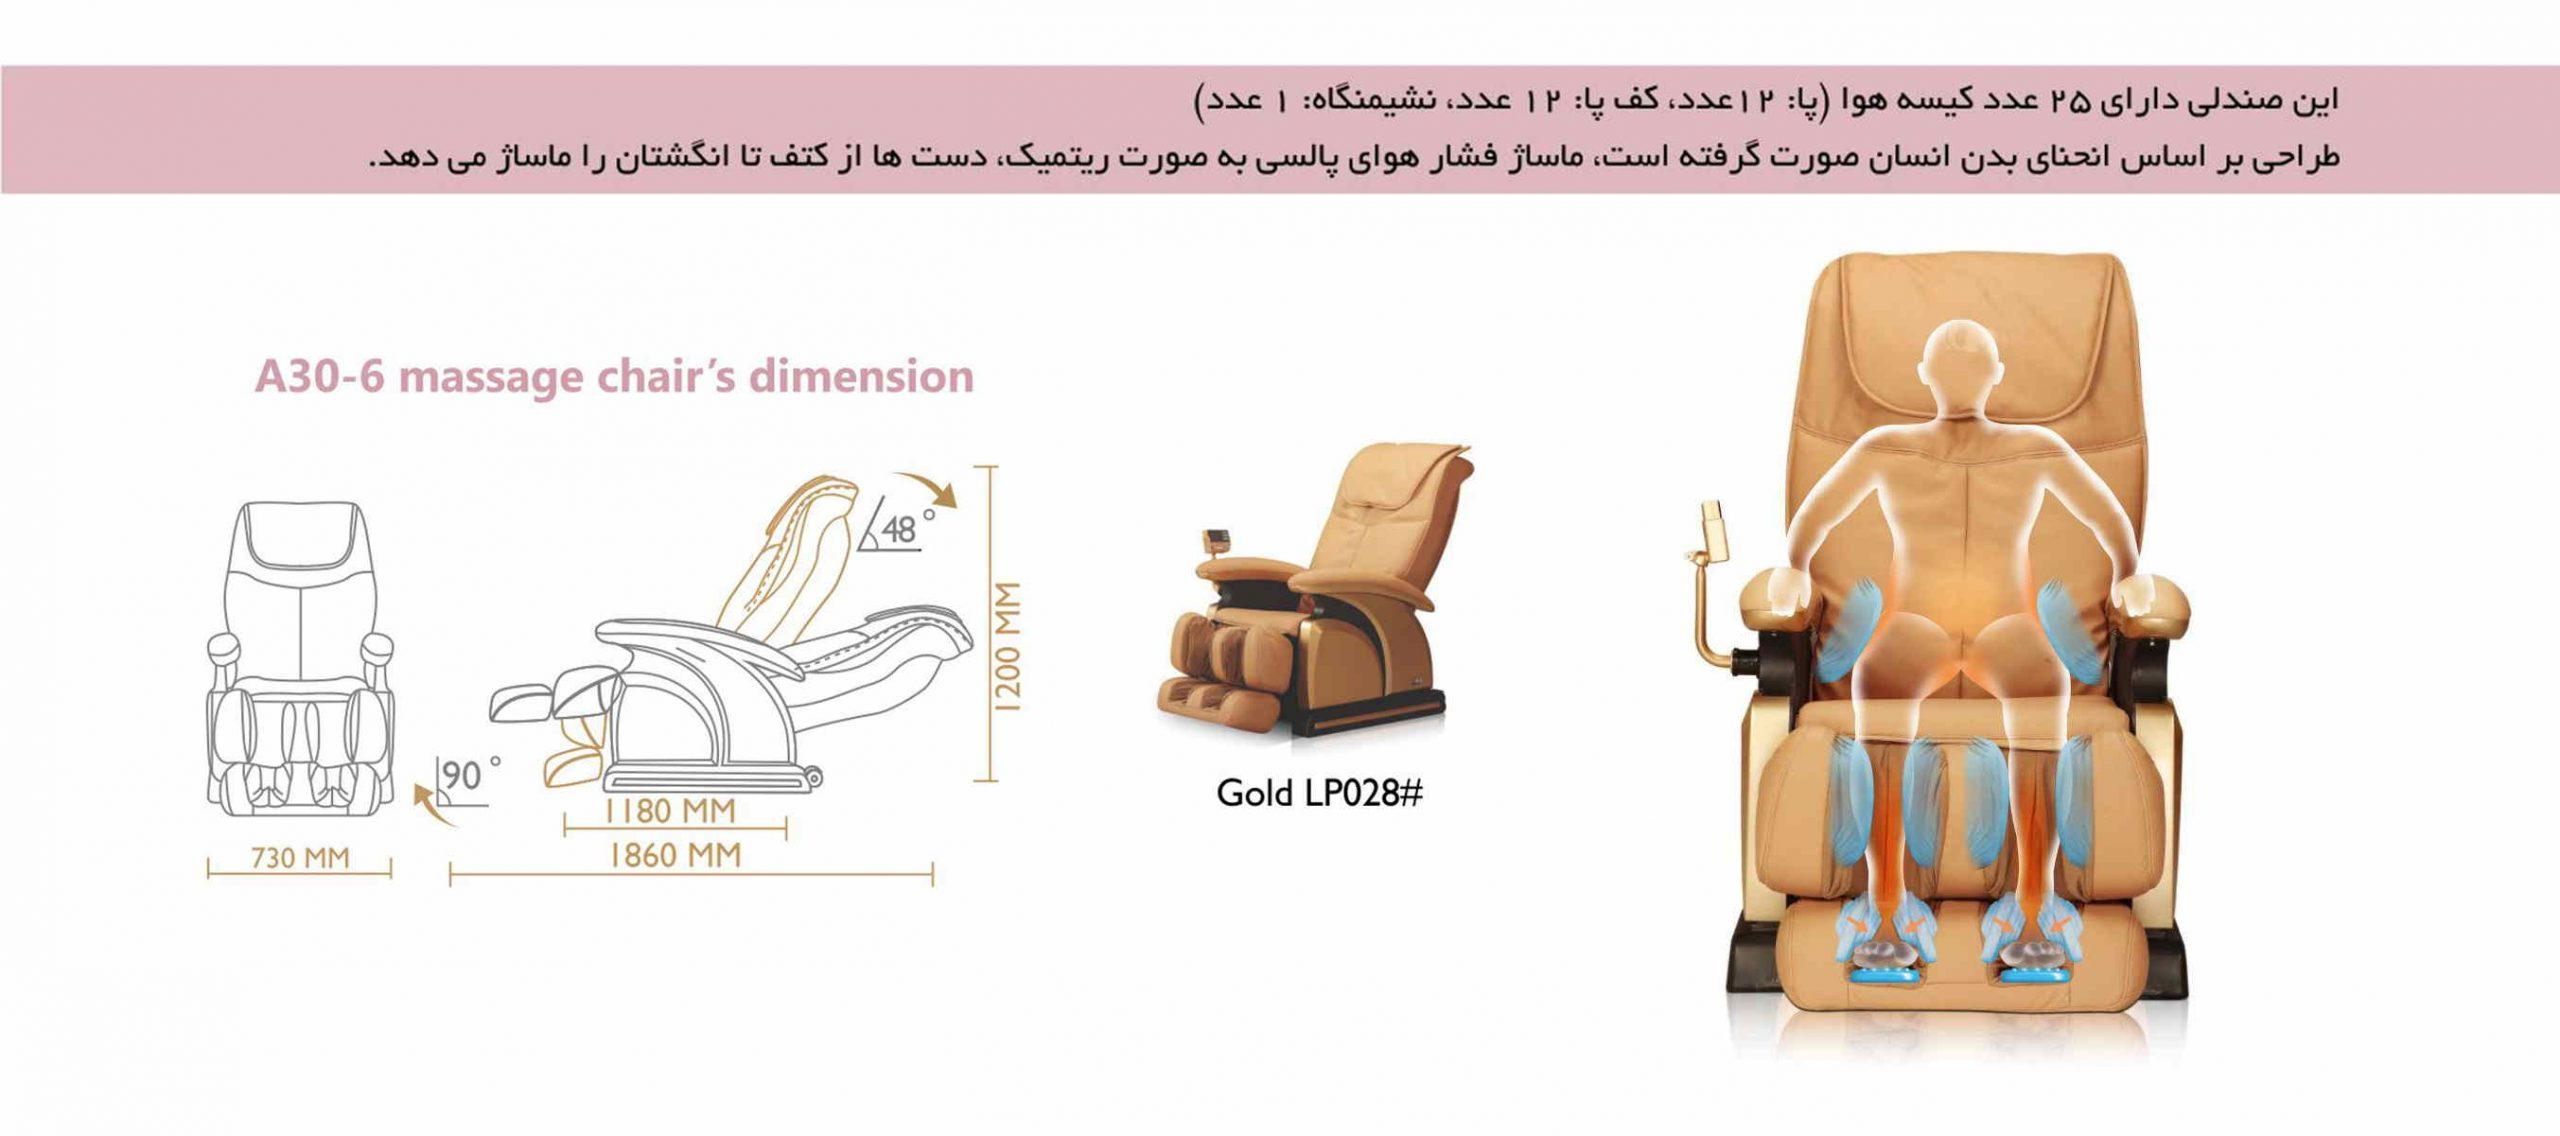 کیسه های هوا صندلی ماساژور آی رست iRest A30-6